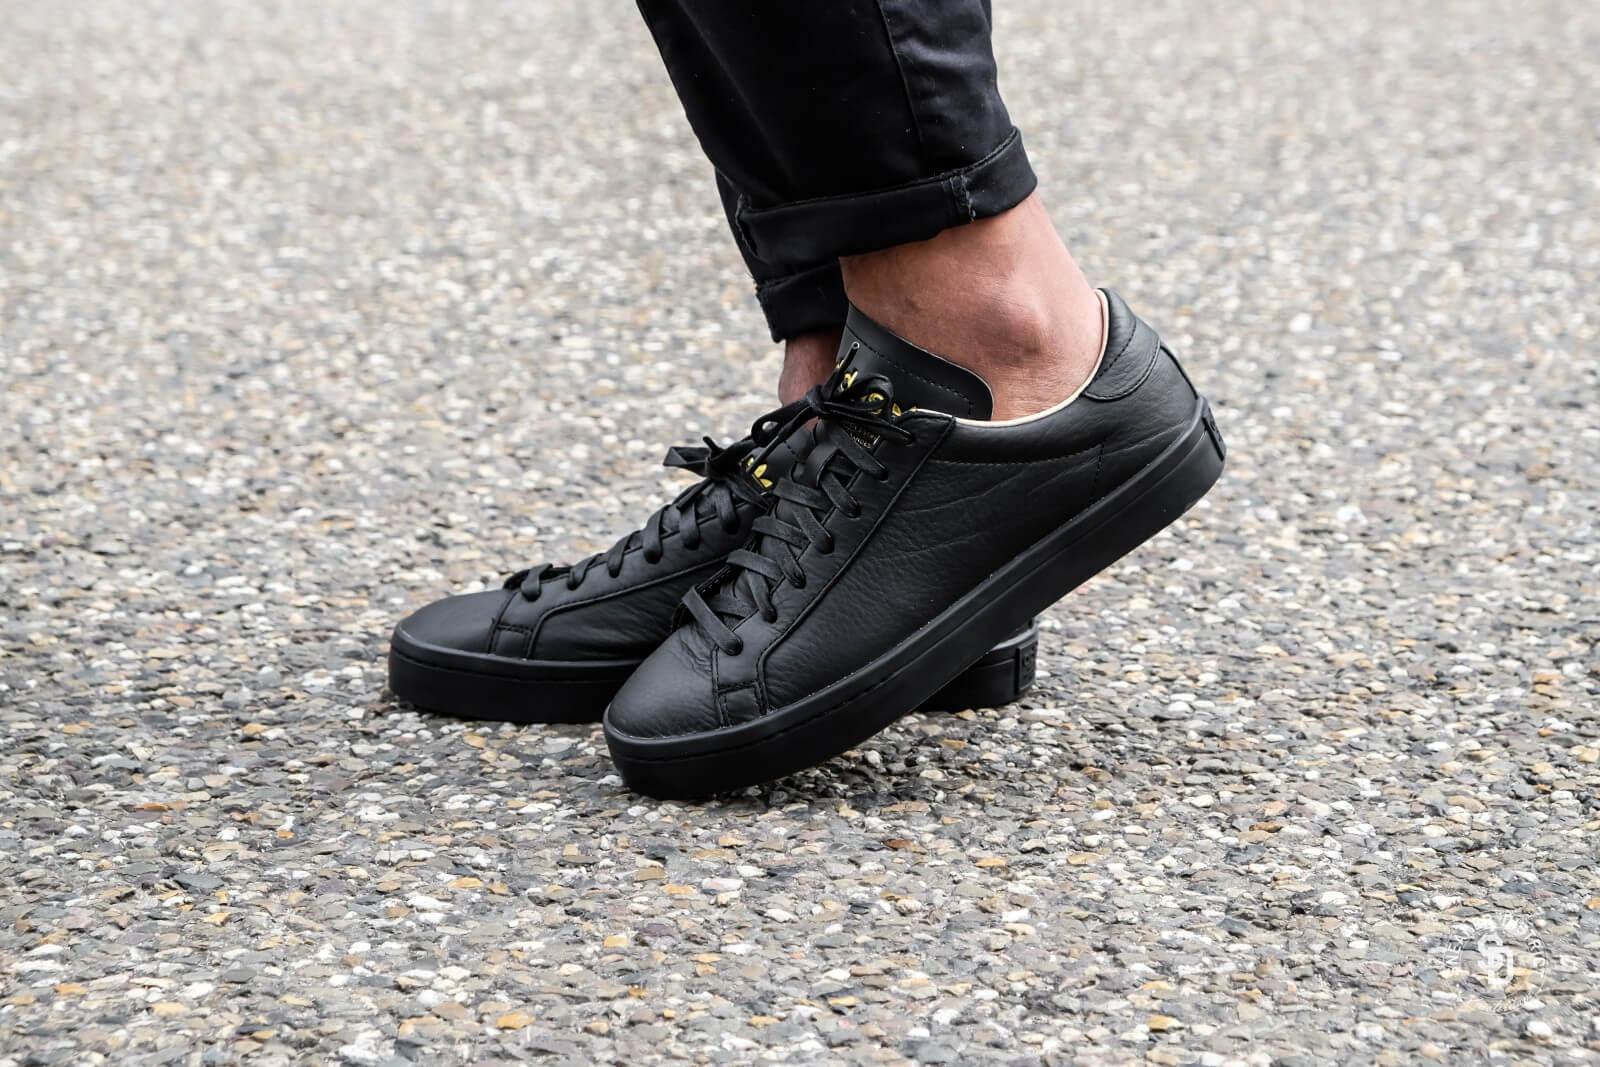 Adidas Court Vantage Leather Black/Black